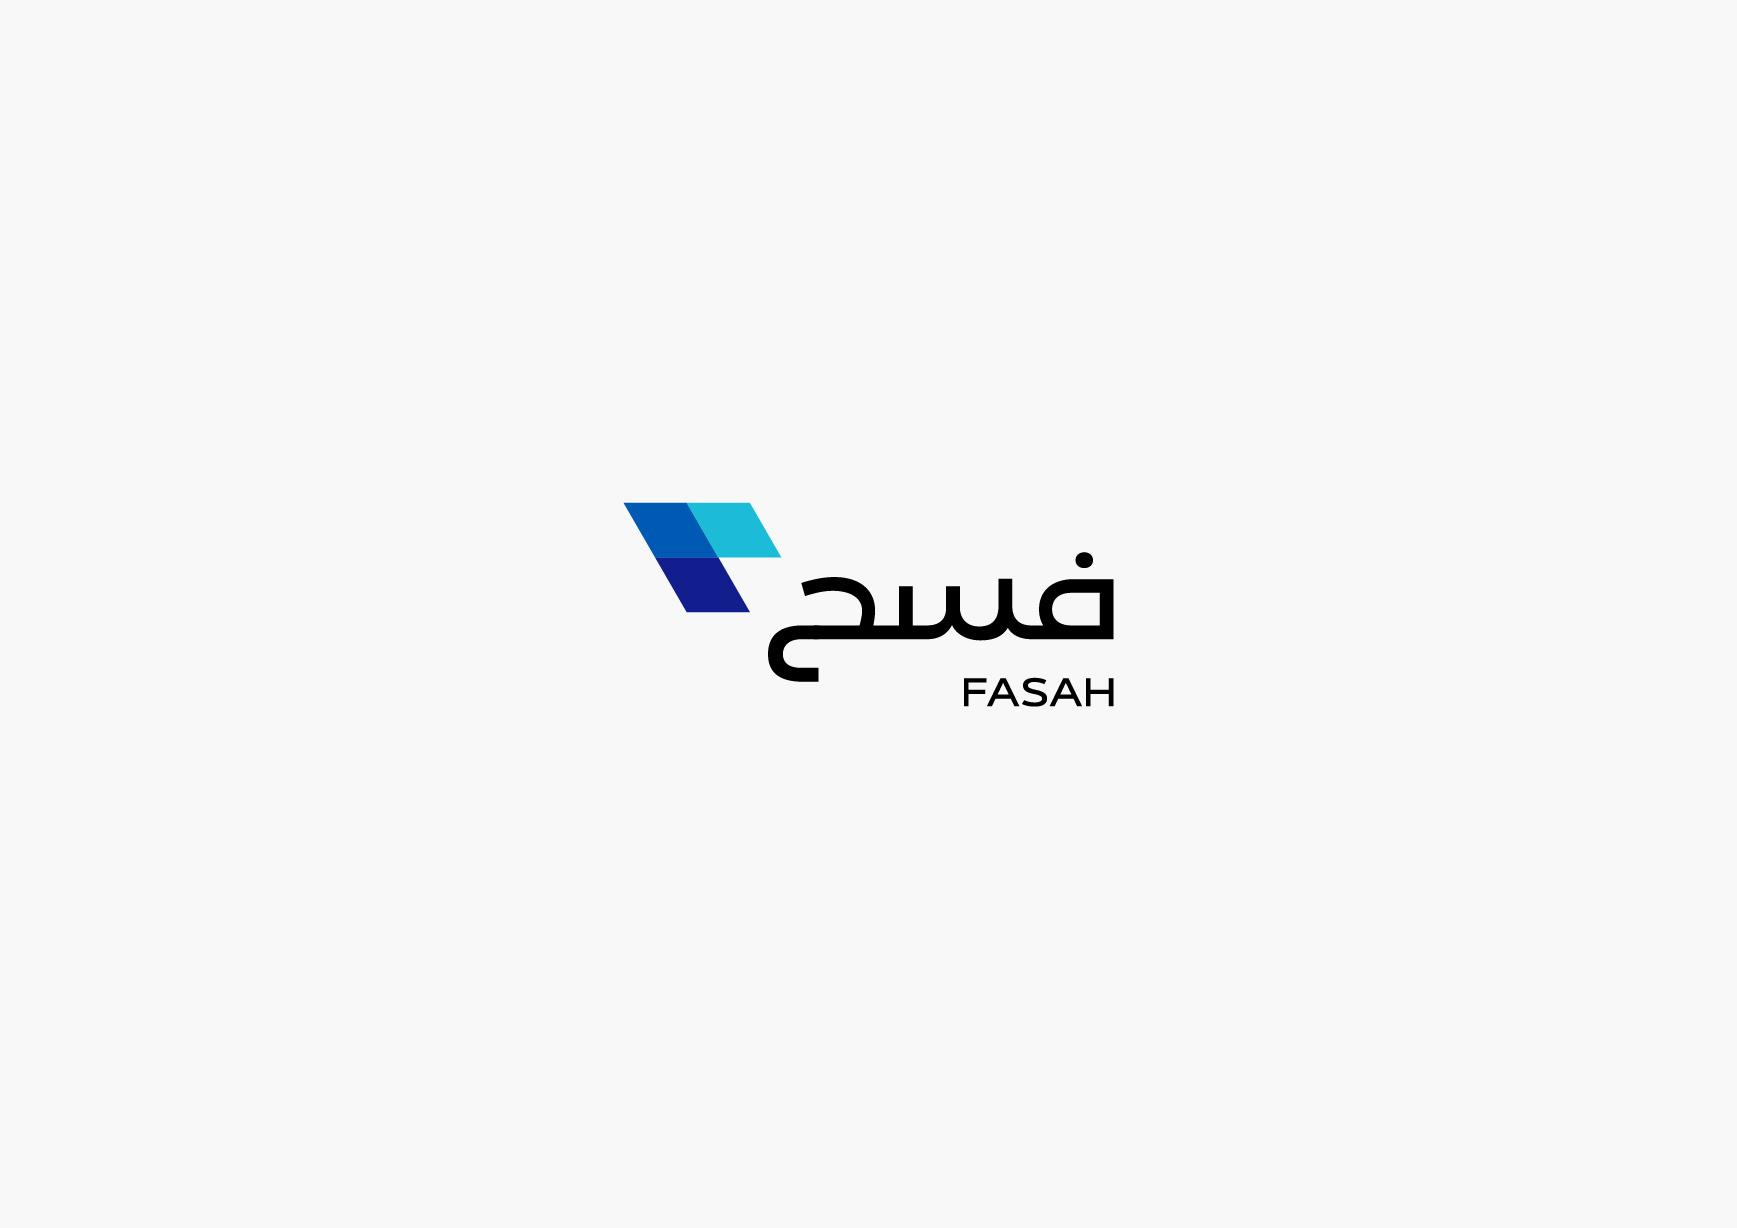 fasah-logo.jpg